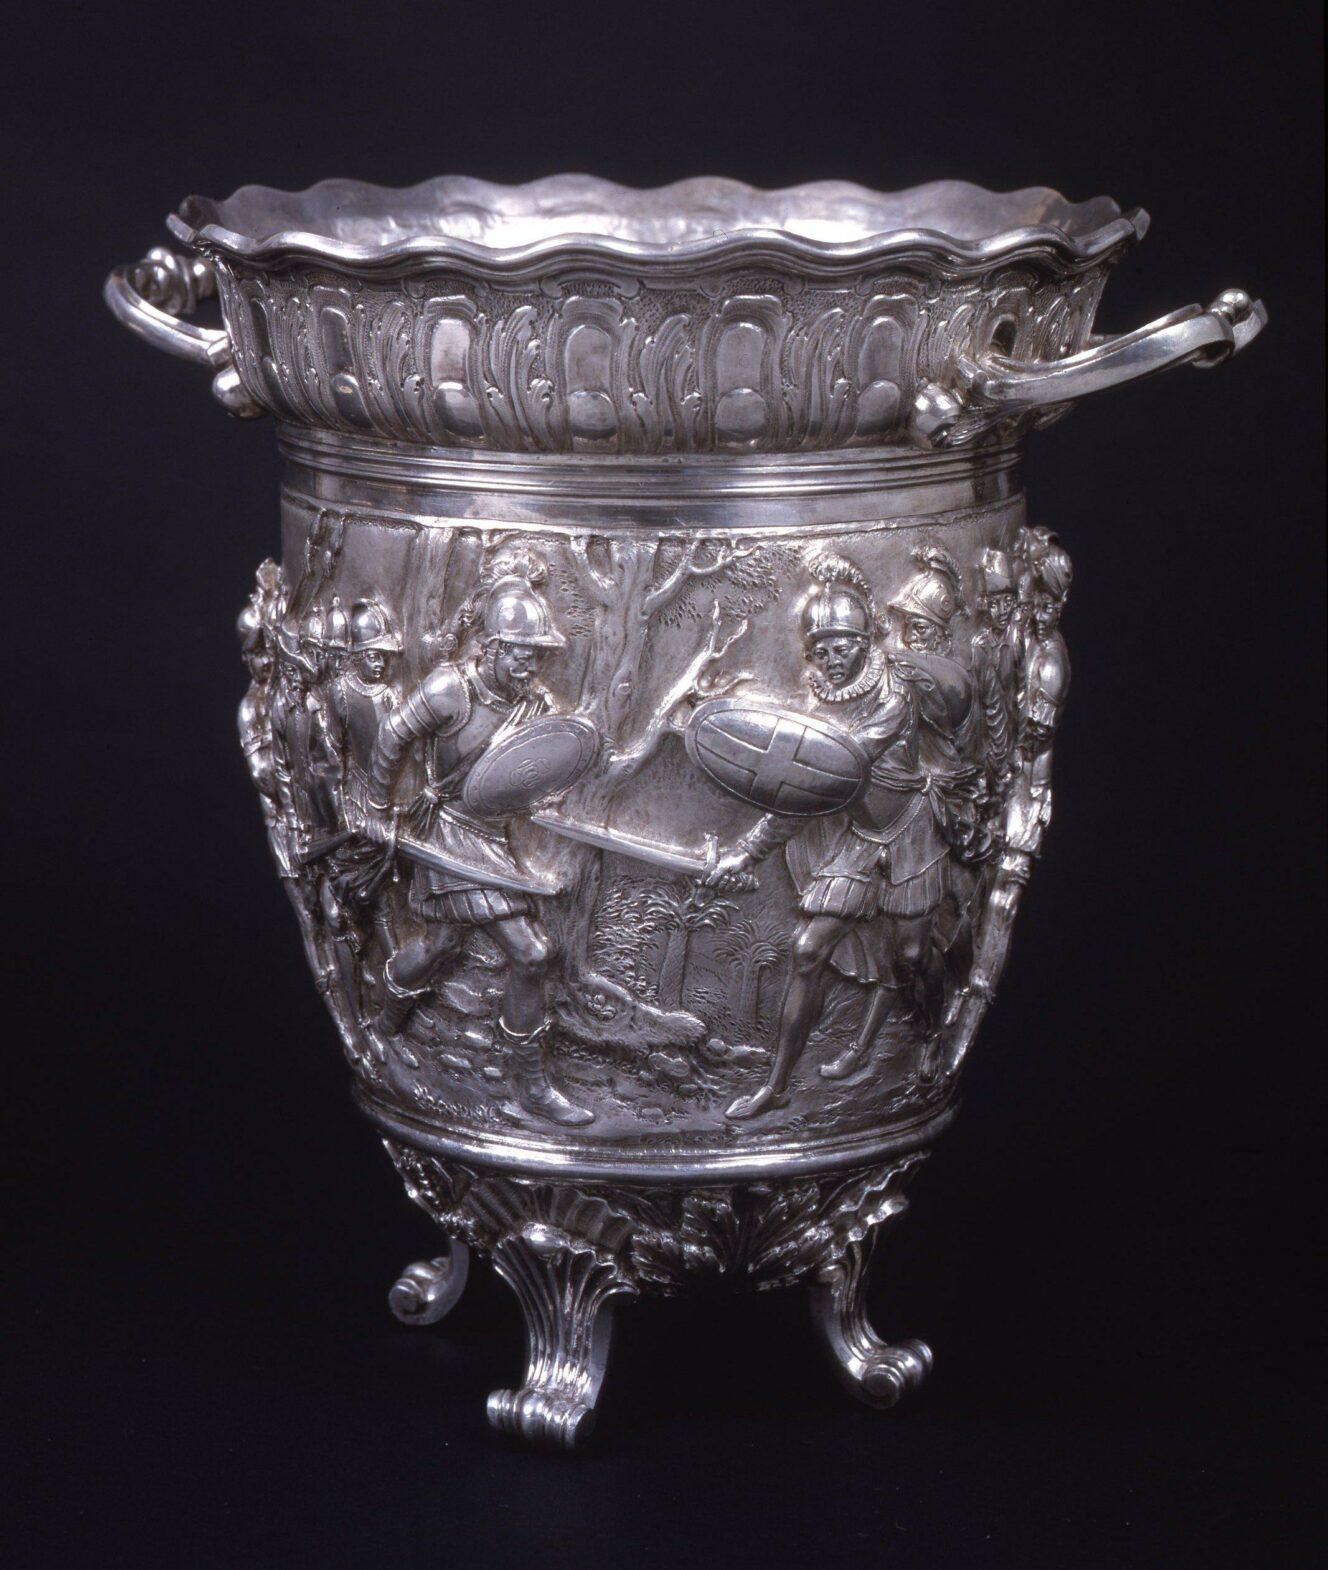 Gio Aelbosca and unknown 19th-century silversmiths, Figurative vase Colombus … the revolt of Francisco de Porras, Galleria Nazionale di Palazzo Spinola, Genoa